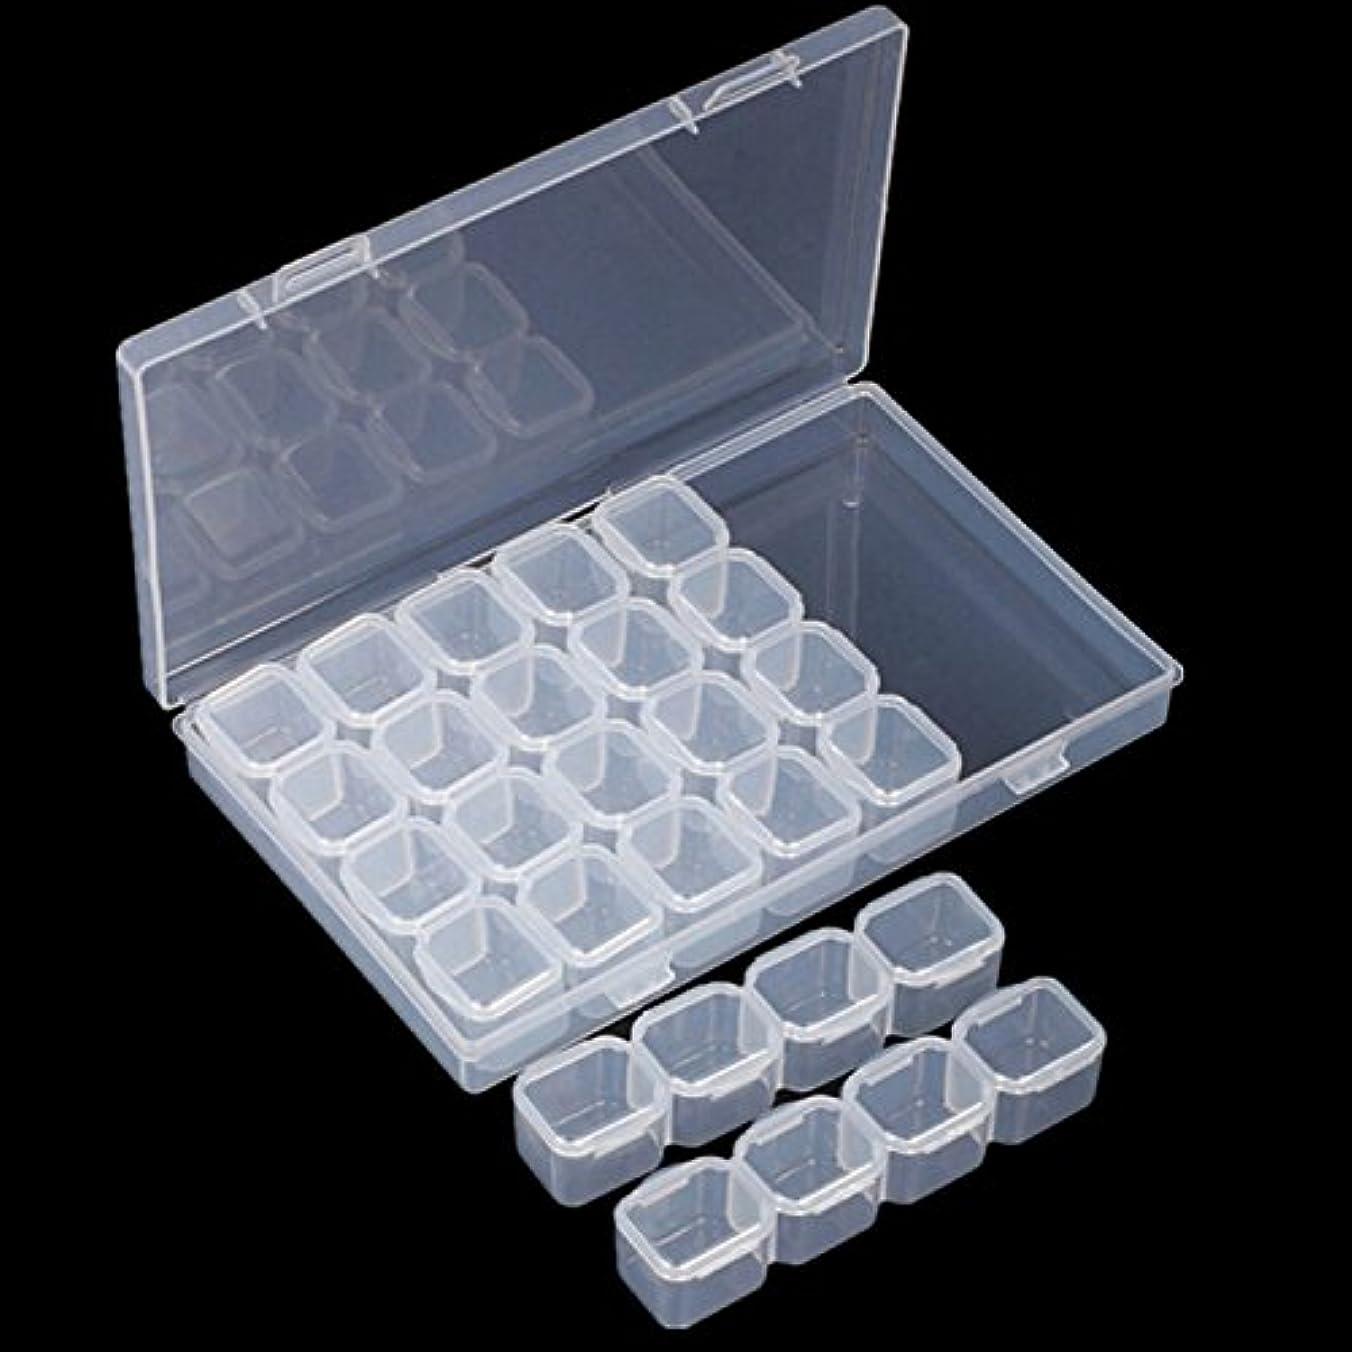 潜む酸素国家Gaoominy ネイル28ラティスジュエリーボックス組み立てることができる解体ボックスネイル装飾ガジェット合金ダイヤモンドの装飾品のボックス